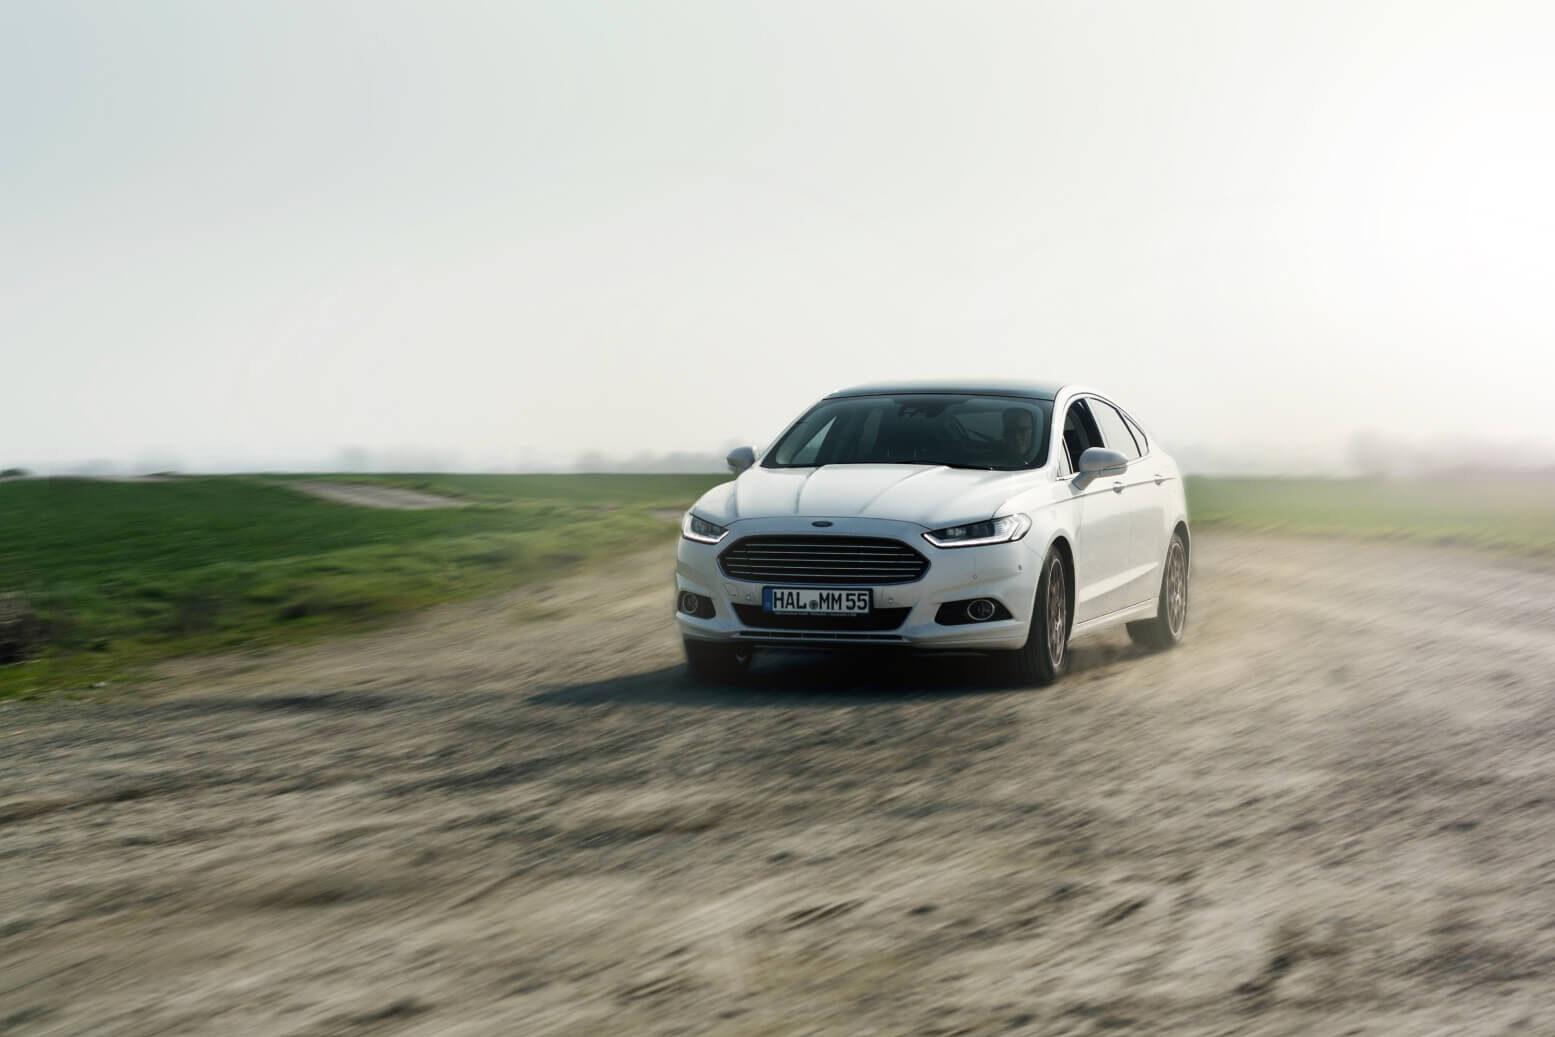 Ford Mondeo fährt um die Kurve auf einem Feldweg